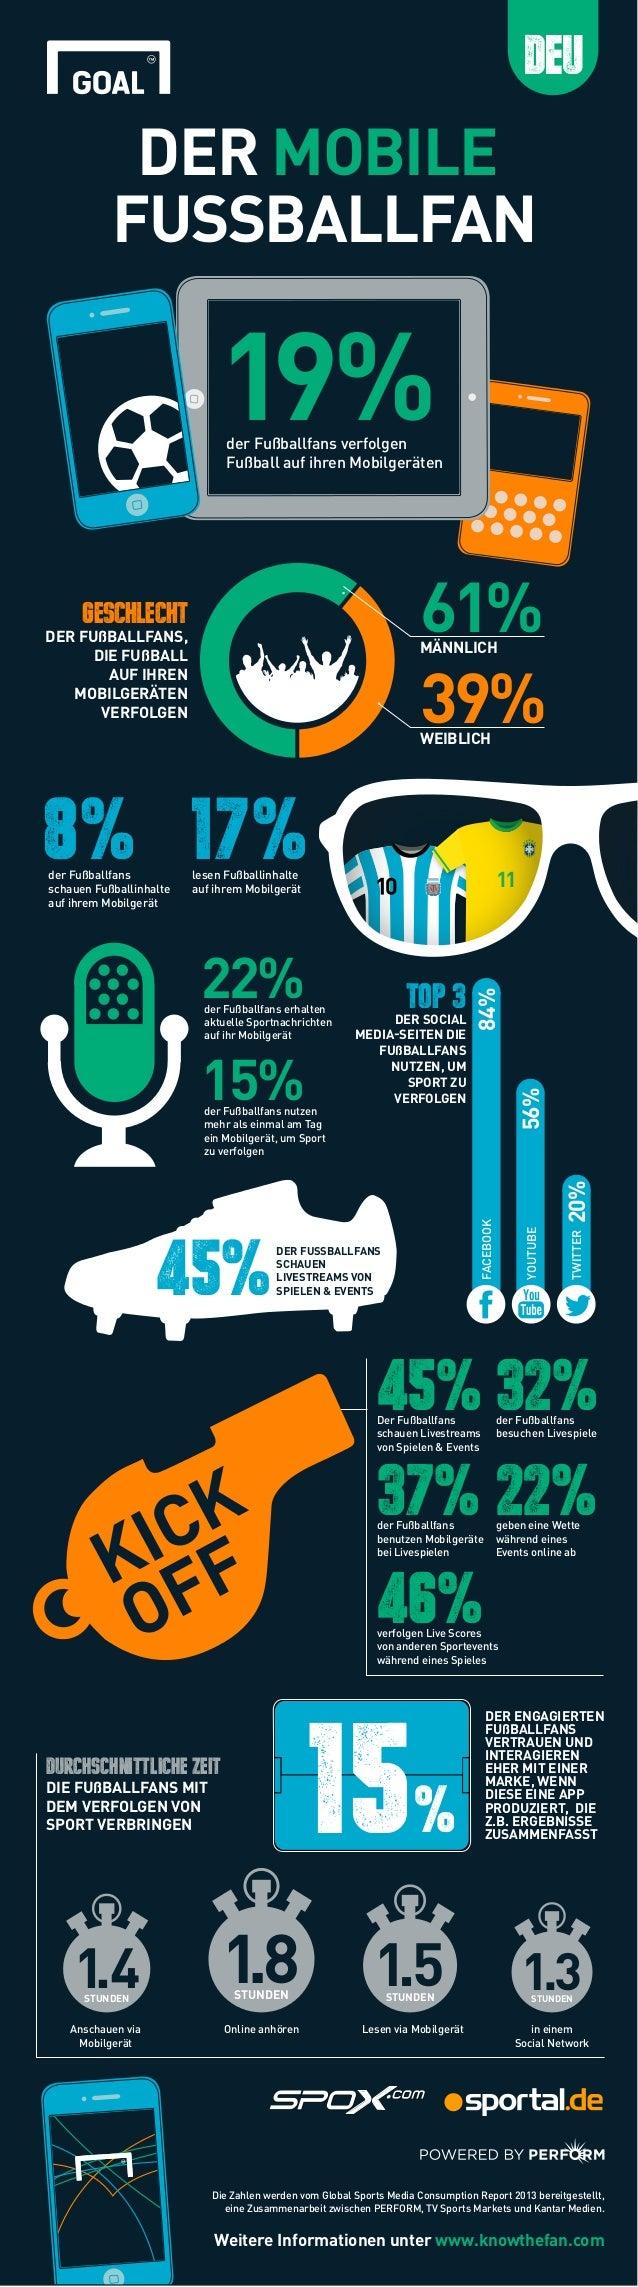 DER MOBILE FUSSBALLFAN 19%der Fußballfans verfolgen Fußball auf ihren Mobilgeräten GESCHLECHT DER FUßBALLFANS, DIE FUßBALL...